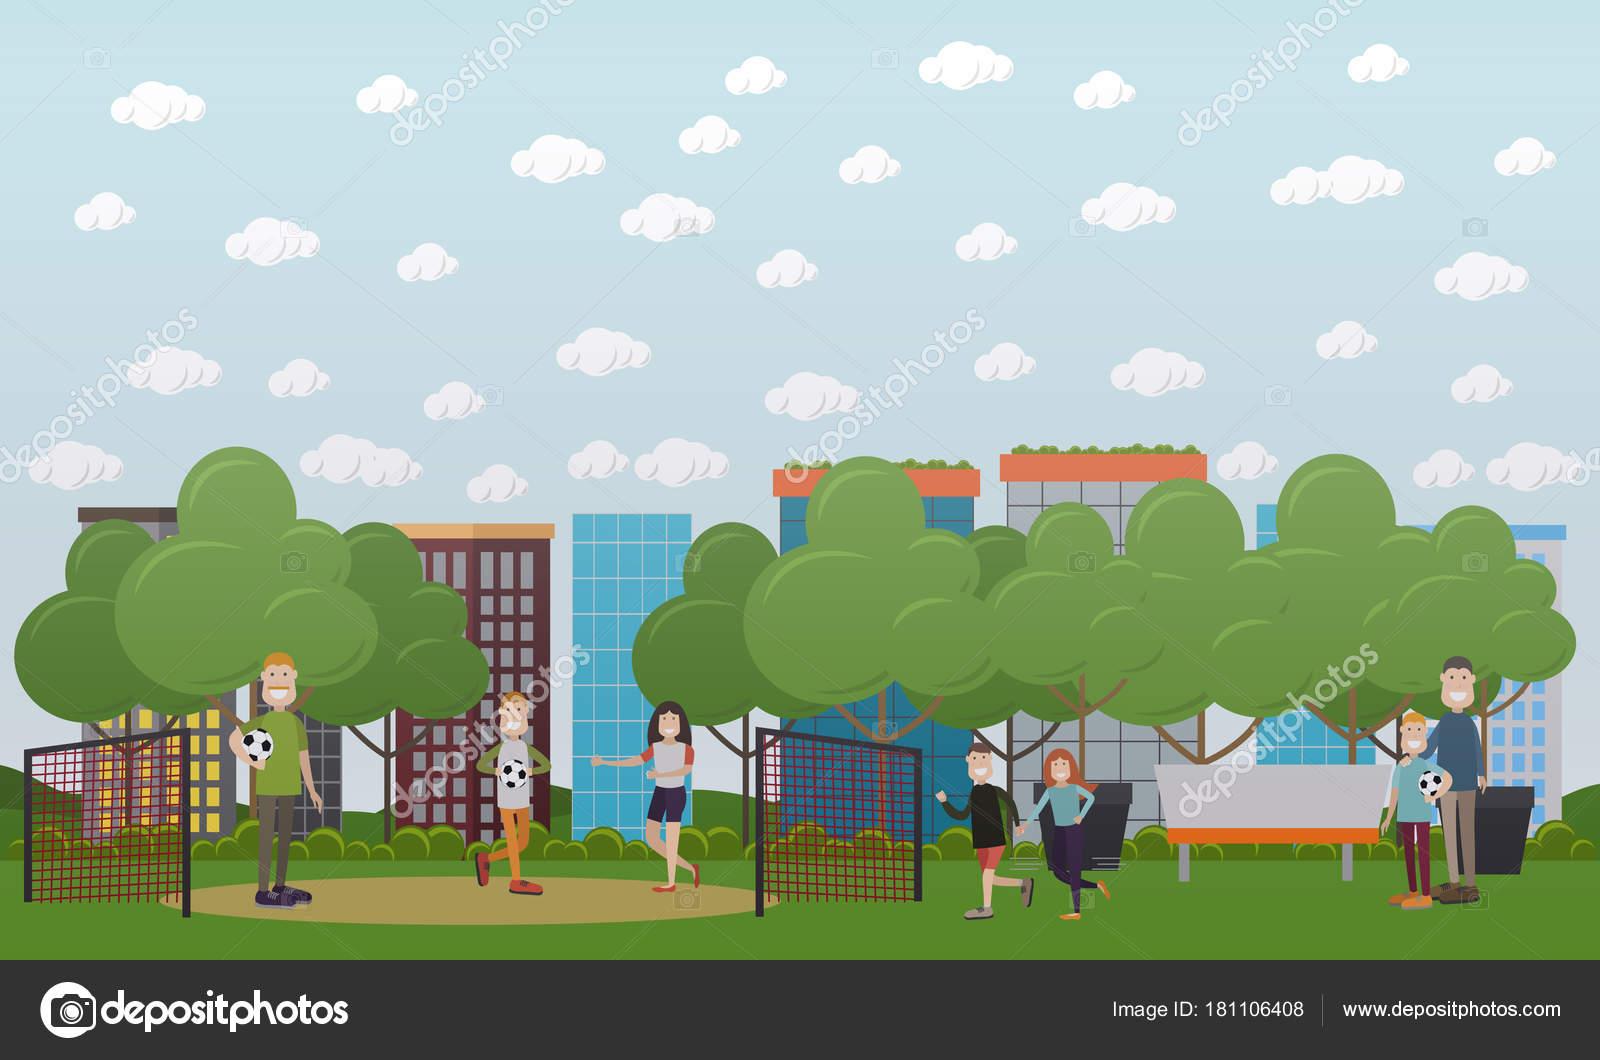 Ilustracion De Vector Concepto De Juegos De La Familia En Estilo